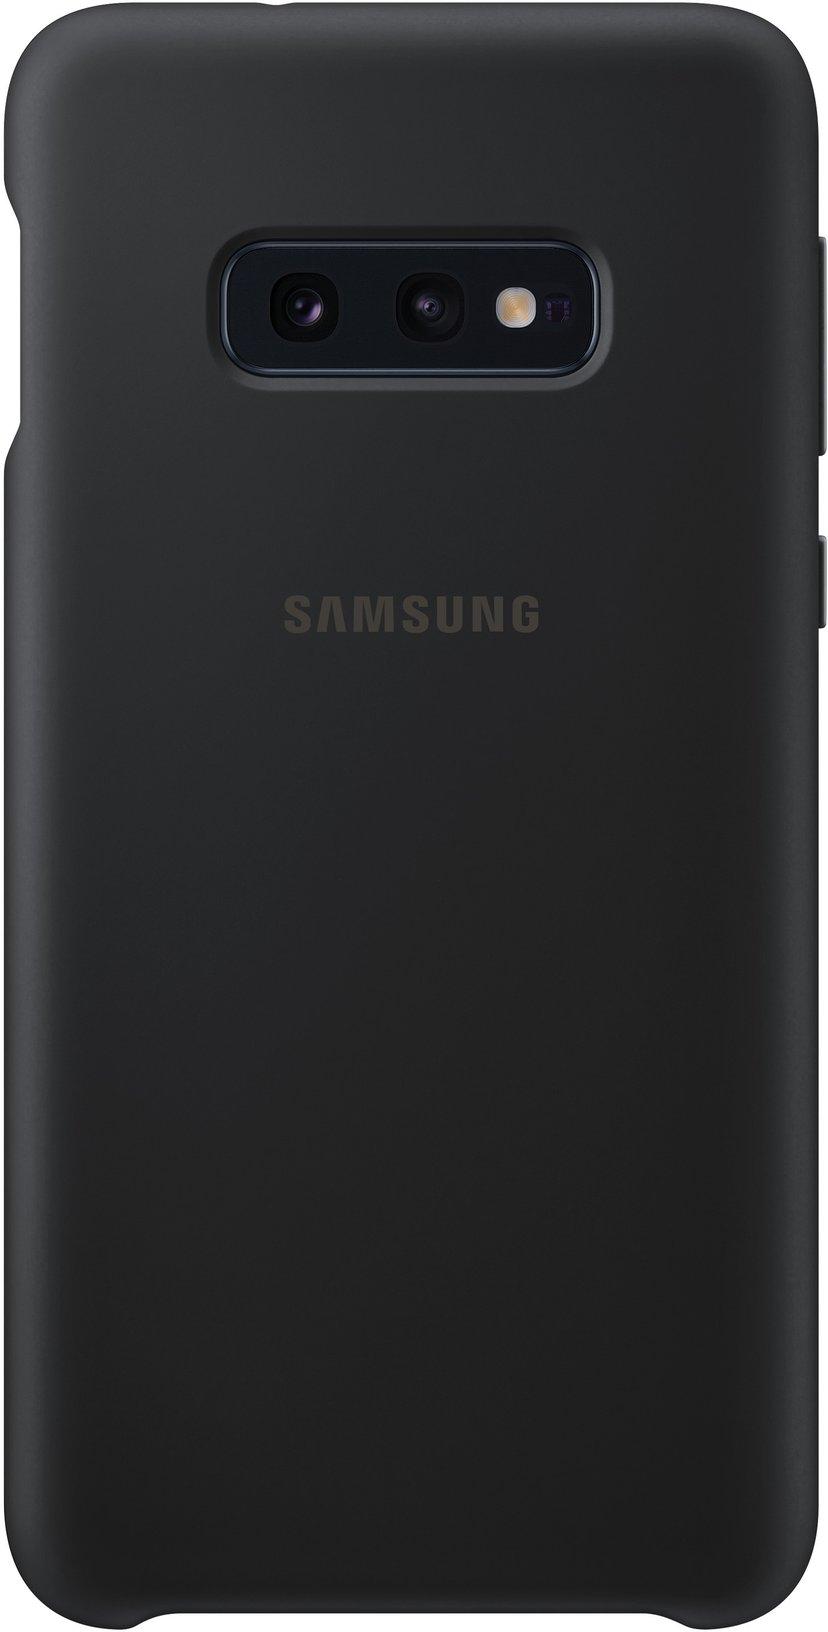 Samsung Silicone Cover EF-PG970 Samsung Galaxy S10e Musta